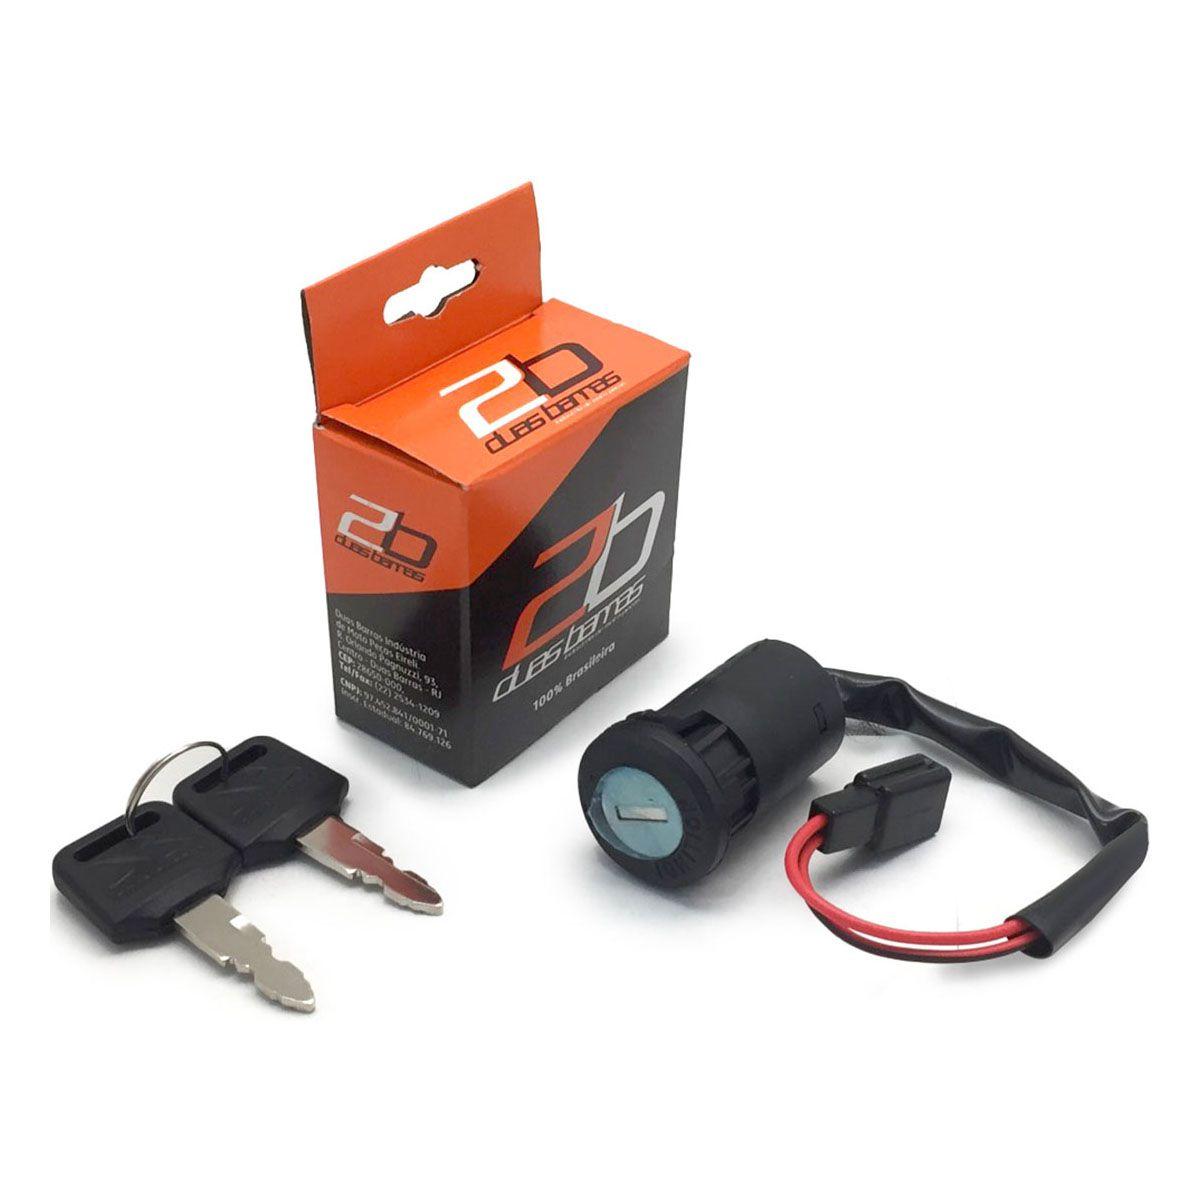 Chave Ignição Honda CG 125 Titan Es/Ks/Kse, CG 125 Fan Ks - Chave Contato - Duas Barras